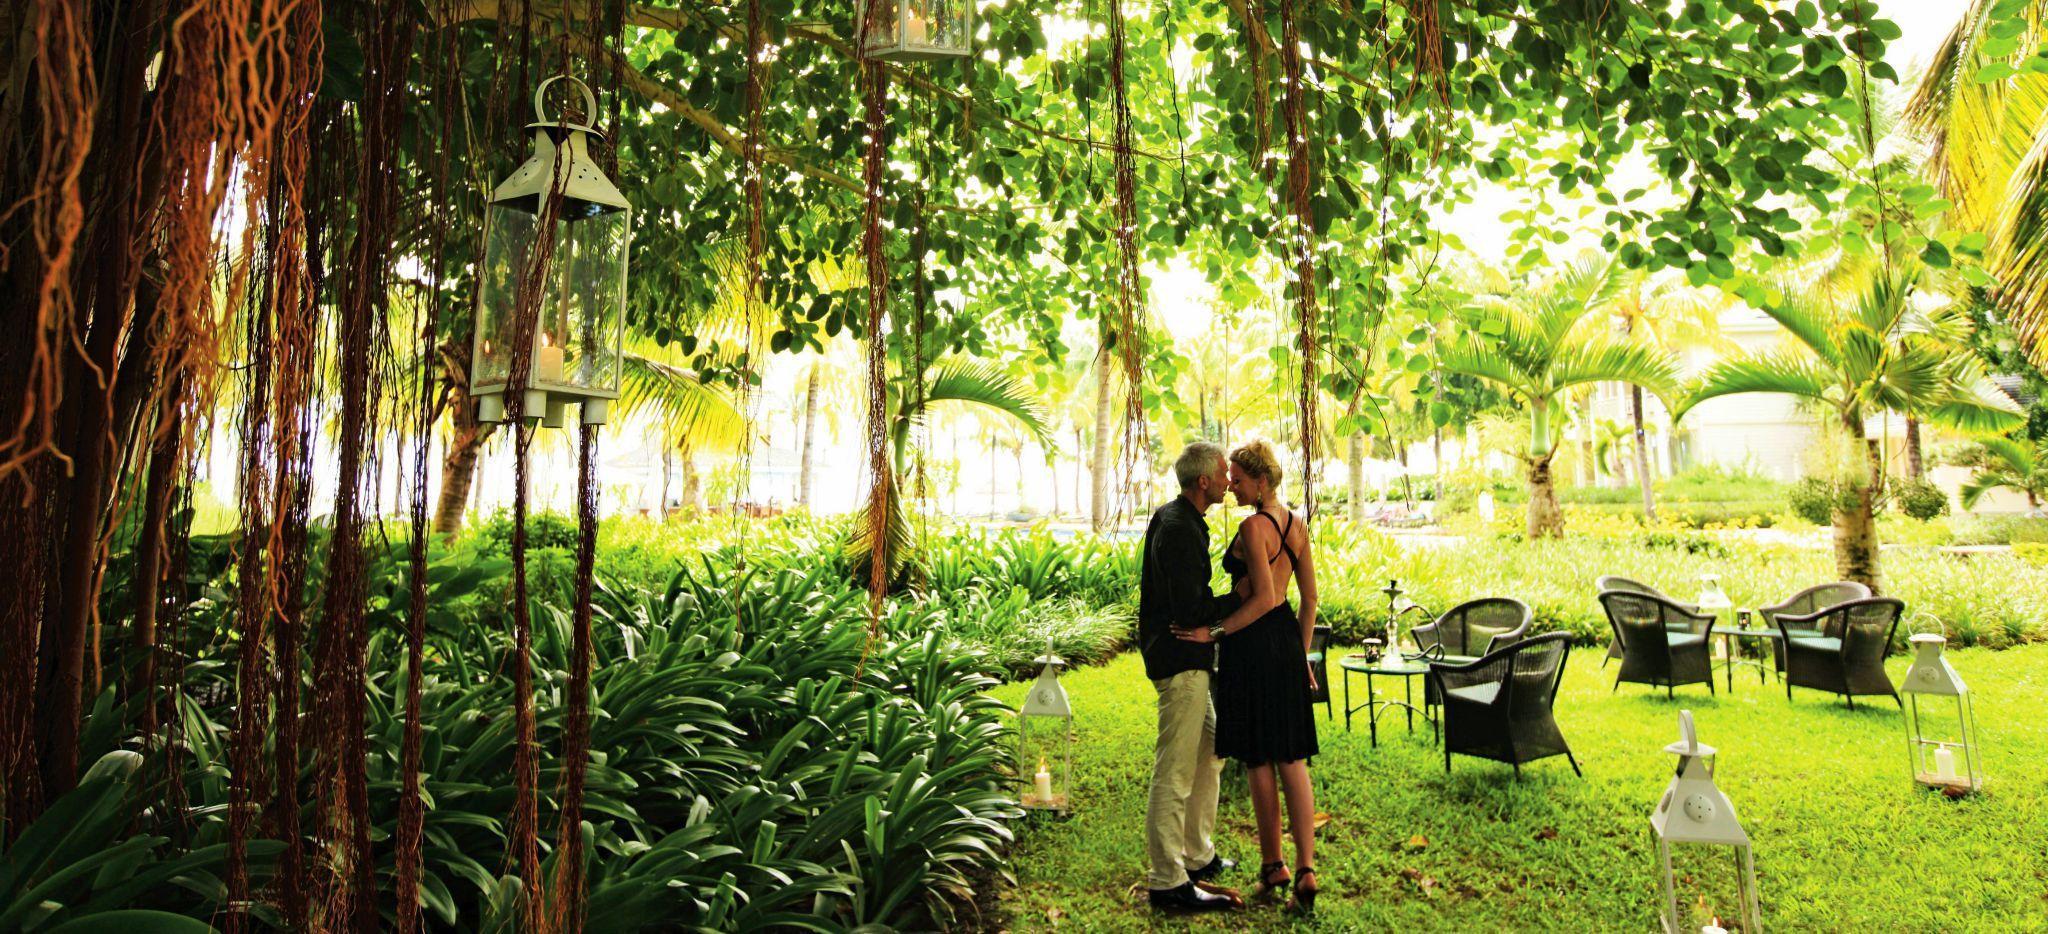 Ein paar küsste auf einer Wiese unter einem Banyan Baum